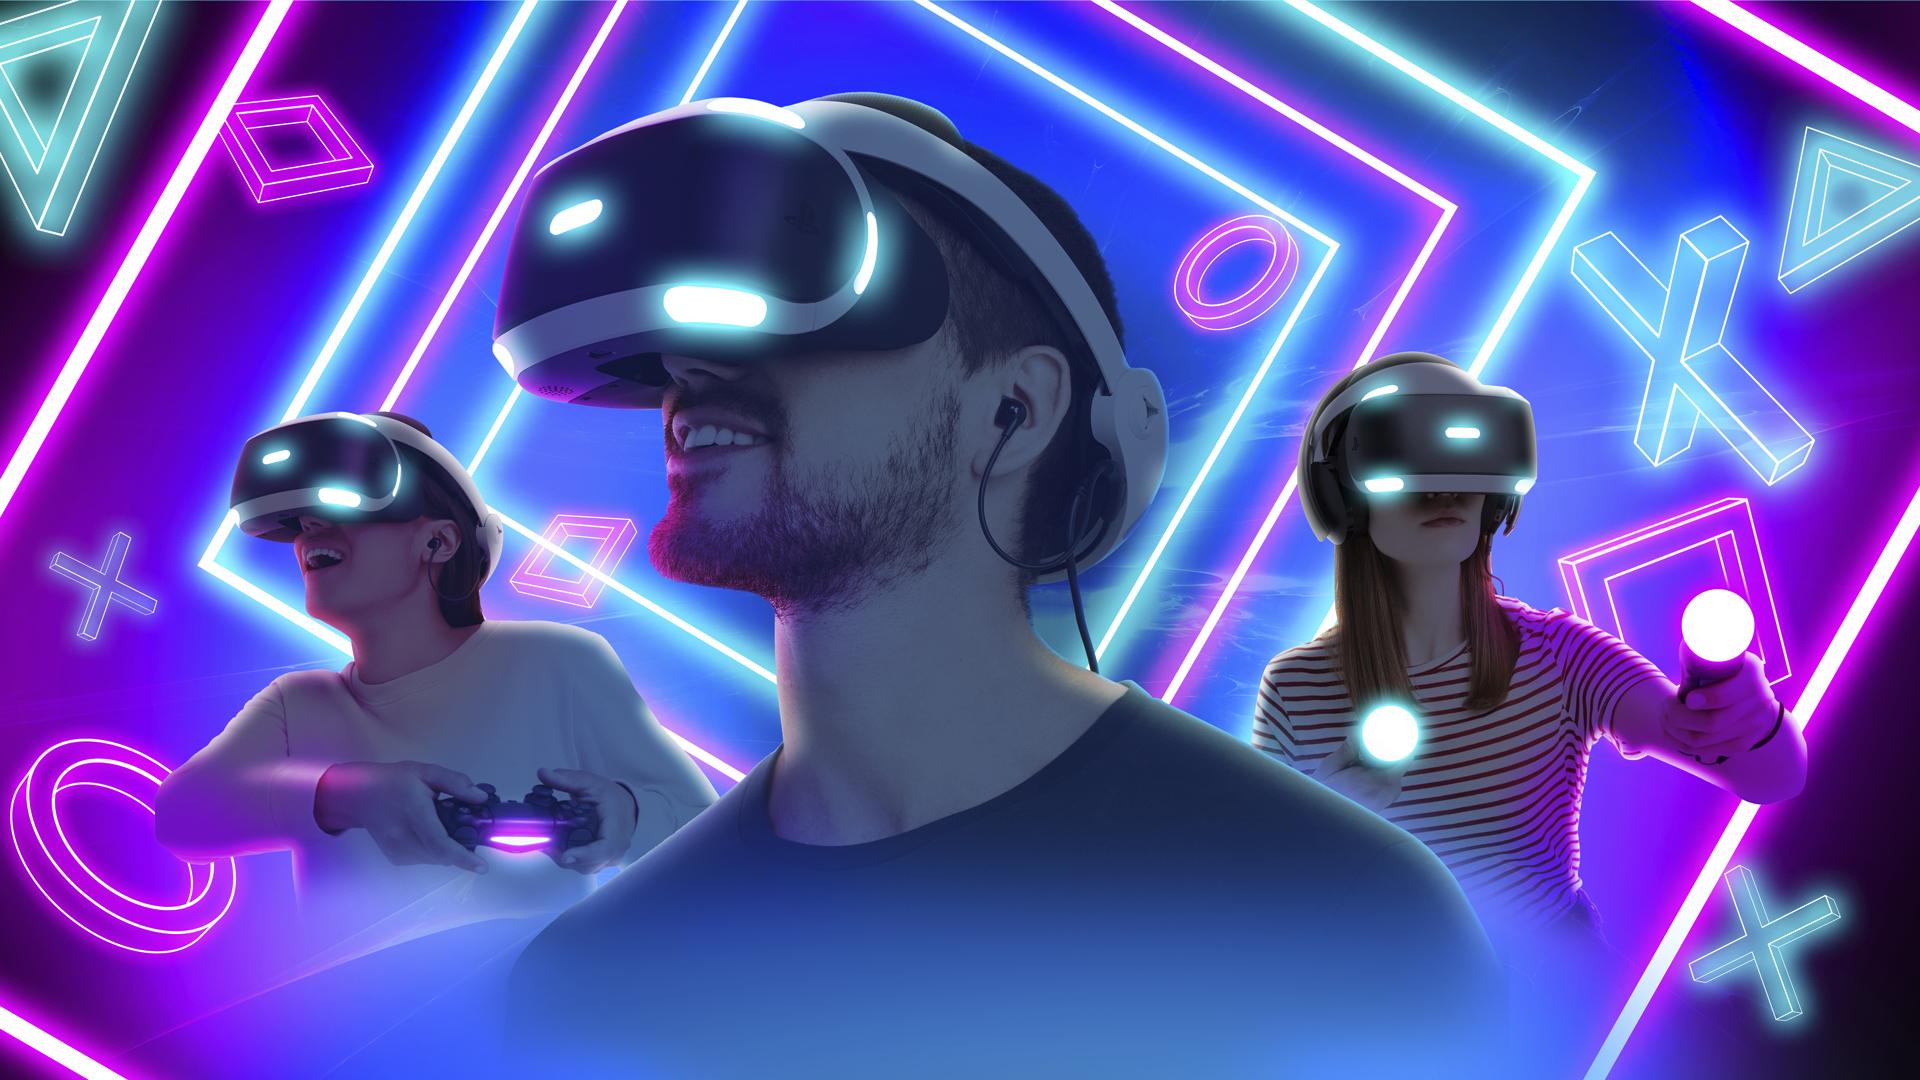 VR spotlight